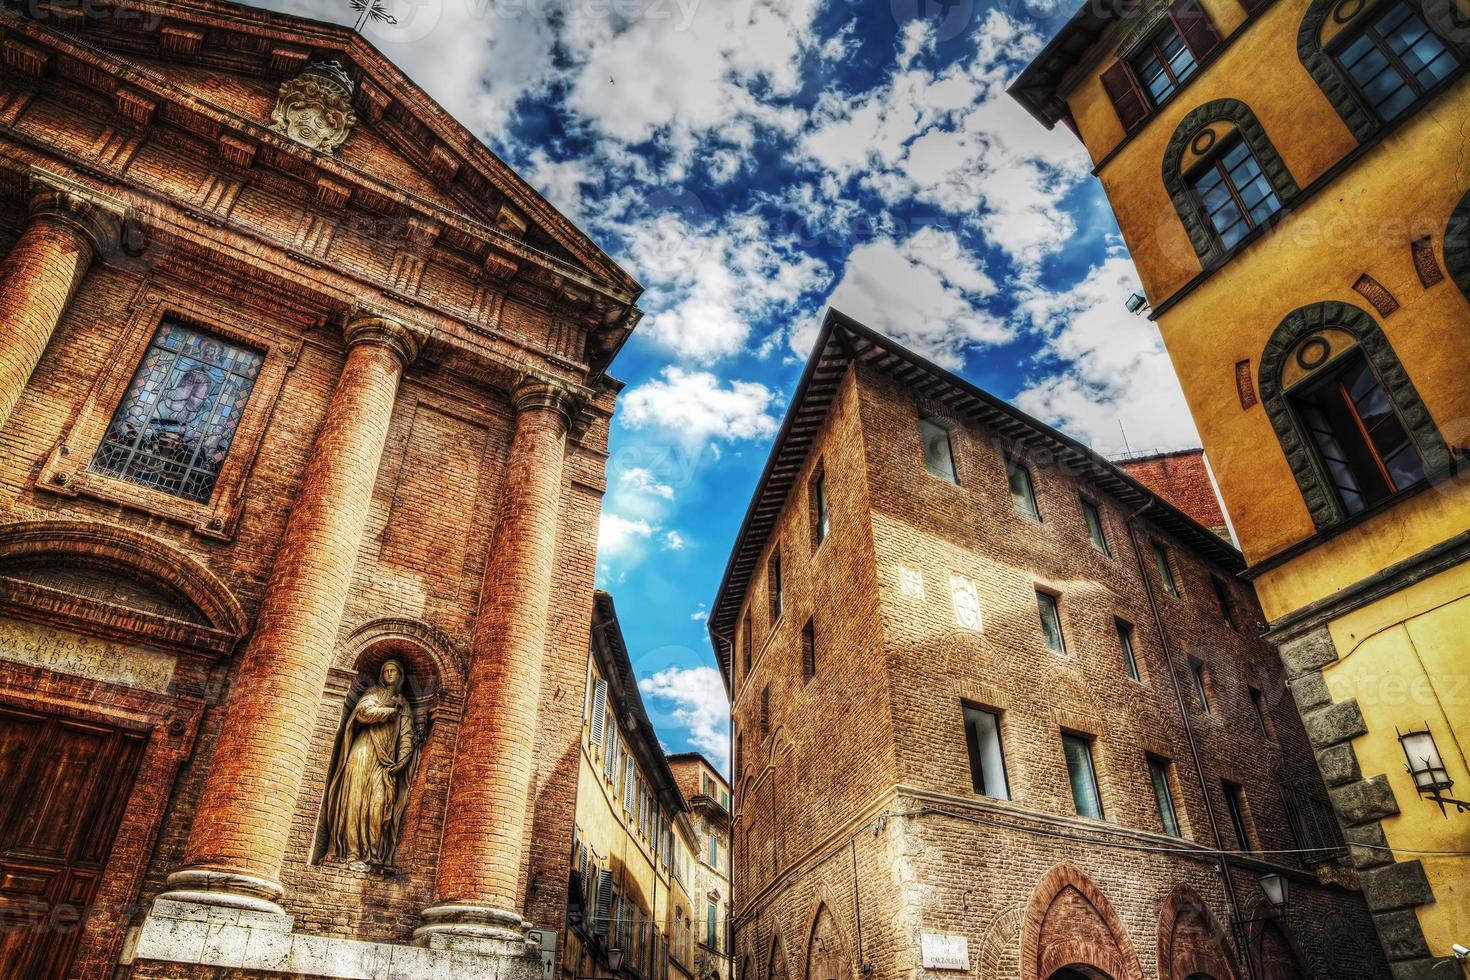 église de san cristoforo et bâtiments historiques photo